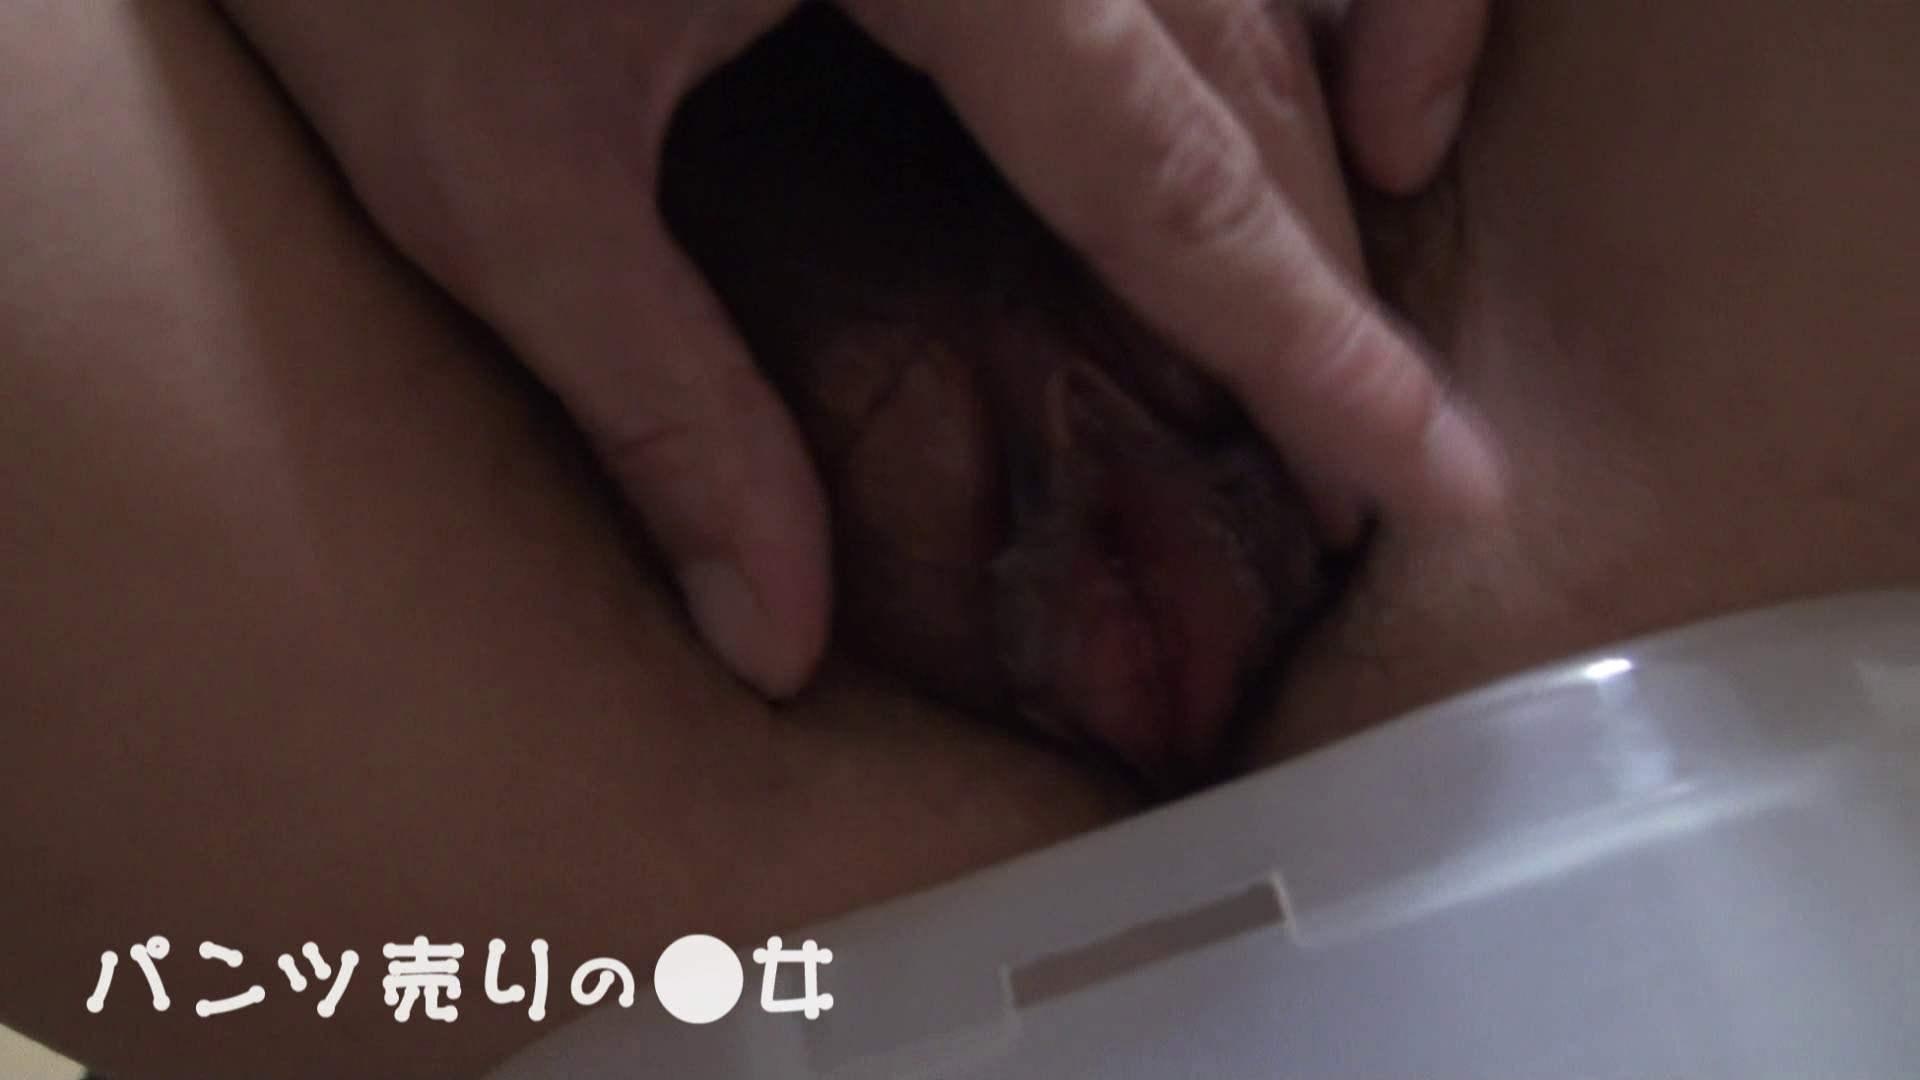 新説 パンツ売りの女の子nana02 一般投稿  74連発 25